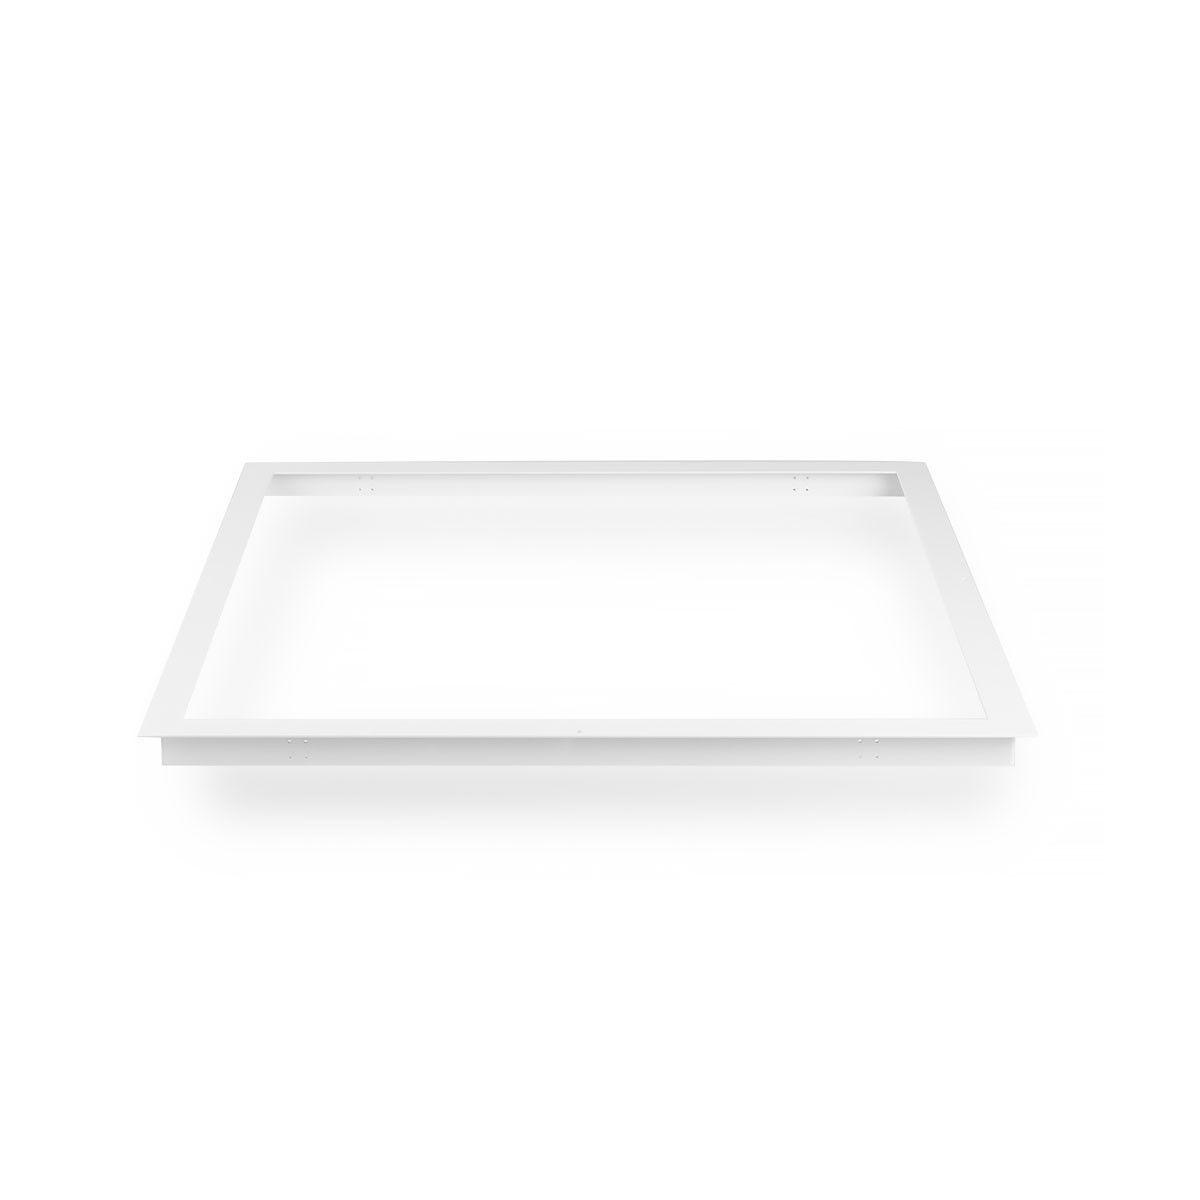 Montagerahmen WE1062 für 62x62 LED PANEL Einbau     Qualitativ Hochwertiges Produkt    Jeder beschriebene Artikel ist verfügbar    Hohe Qualität